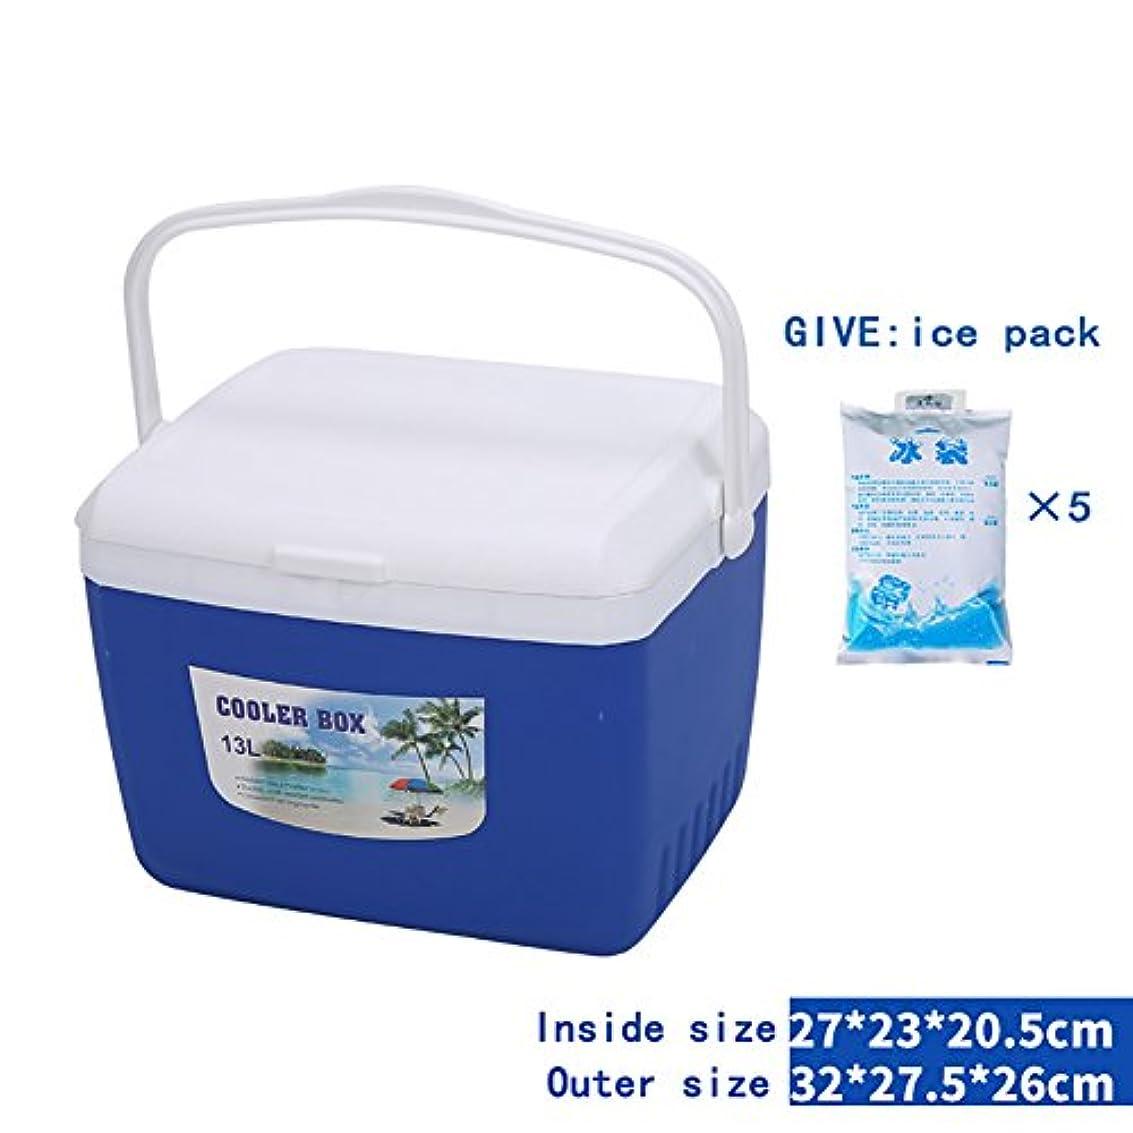 インシュレータ公平敬礼二重目的のクーラーバッグ断熱缶/ボックス屋外用ポータブル釣りピクニックピクニック鮮度保持氷バケツ車ボルンアイスパック ( 色 : 青 , サイズ さいず : 13L )